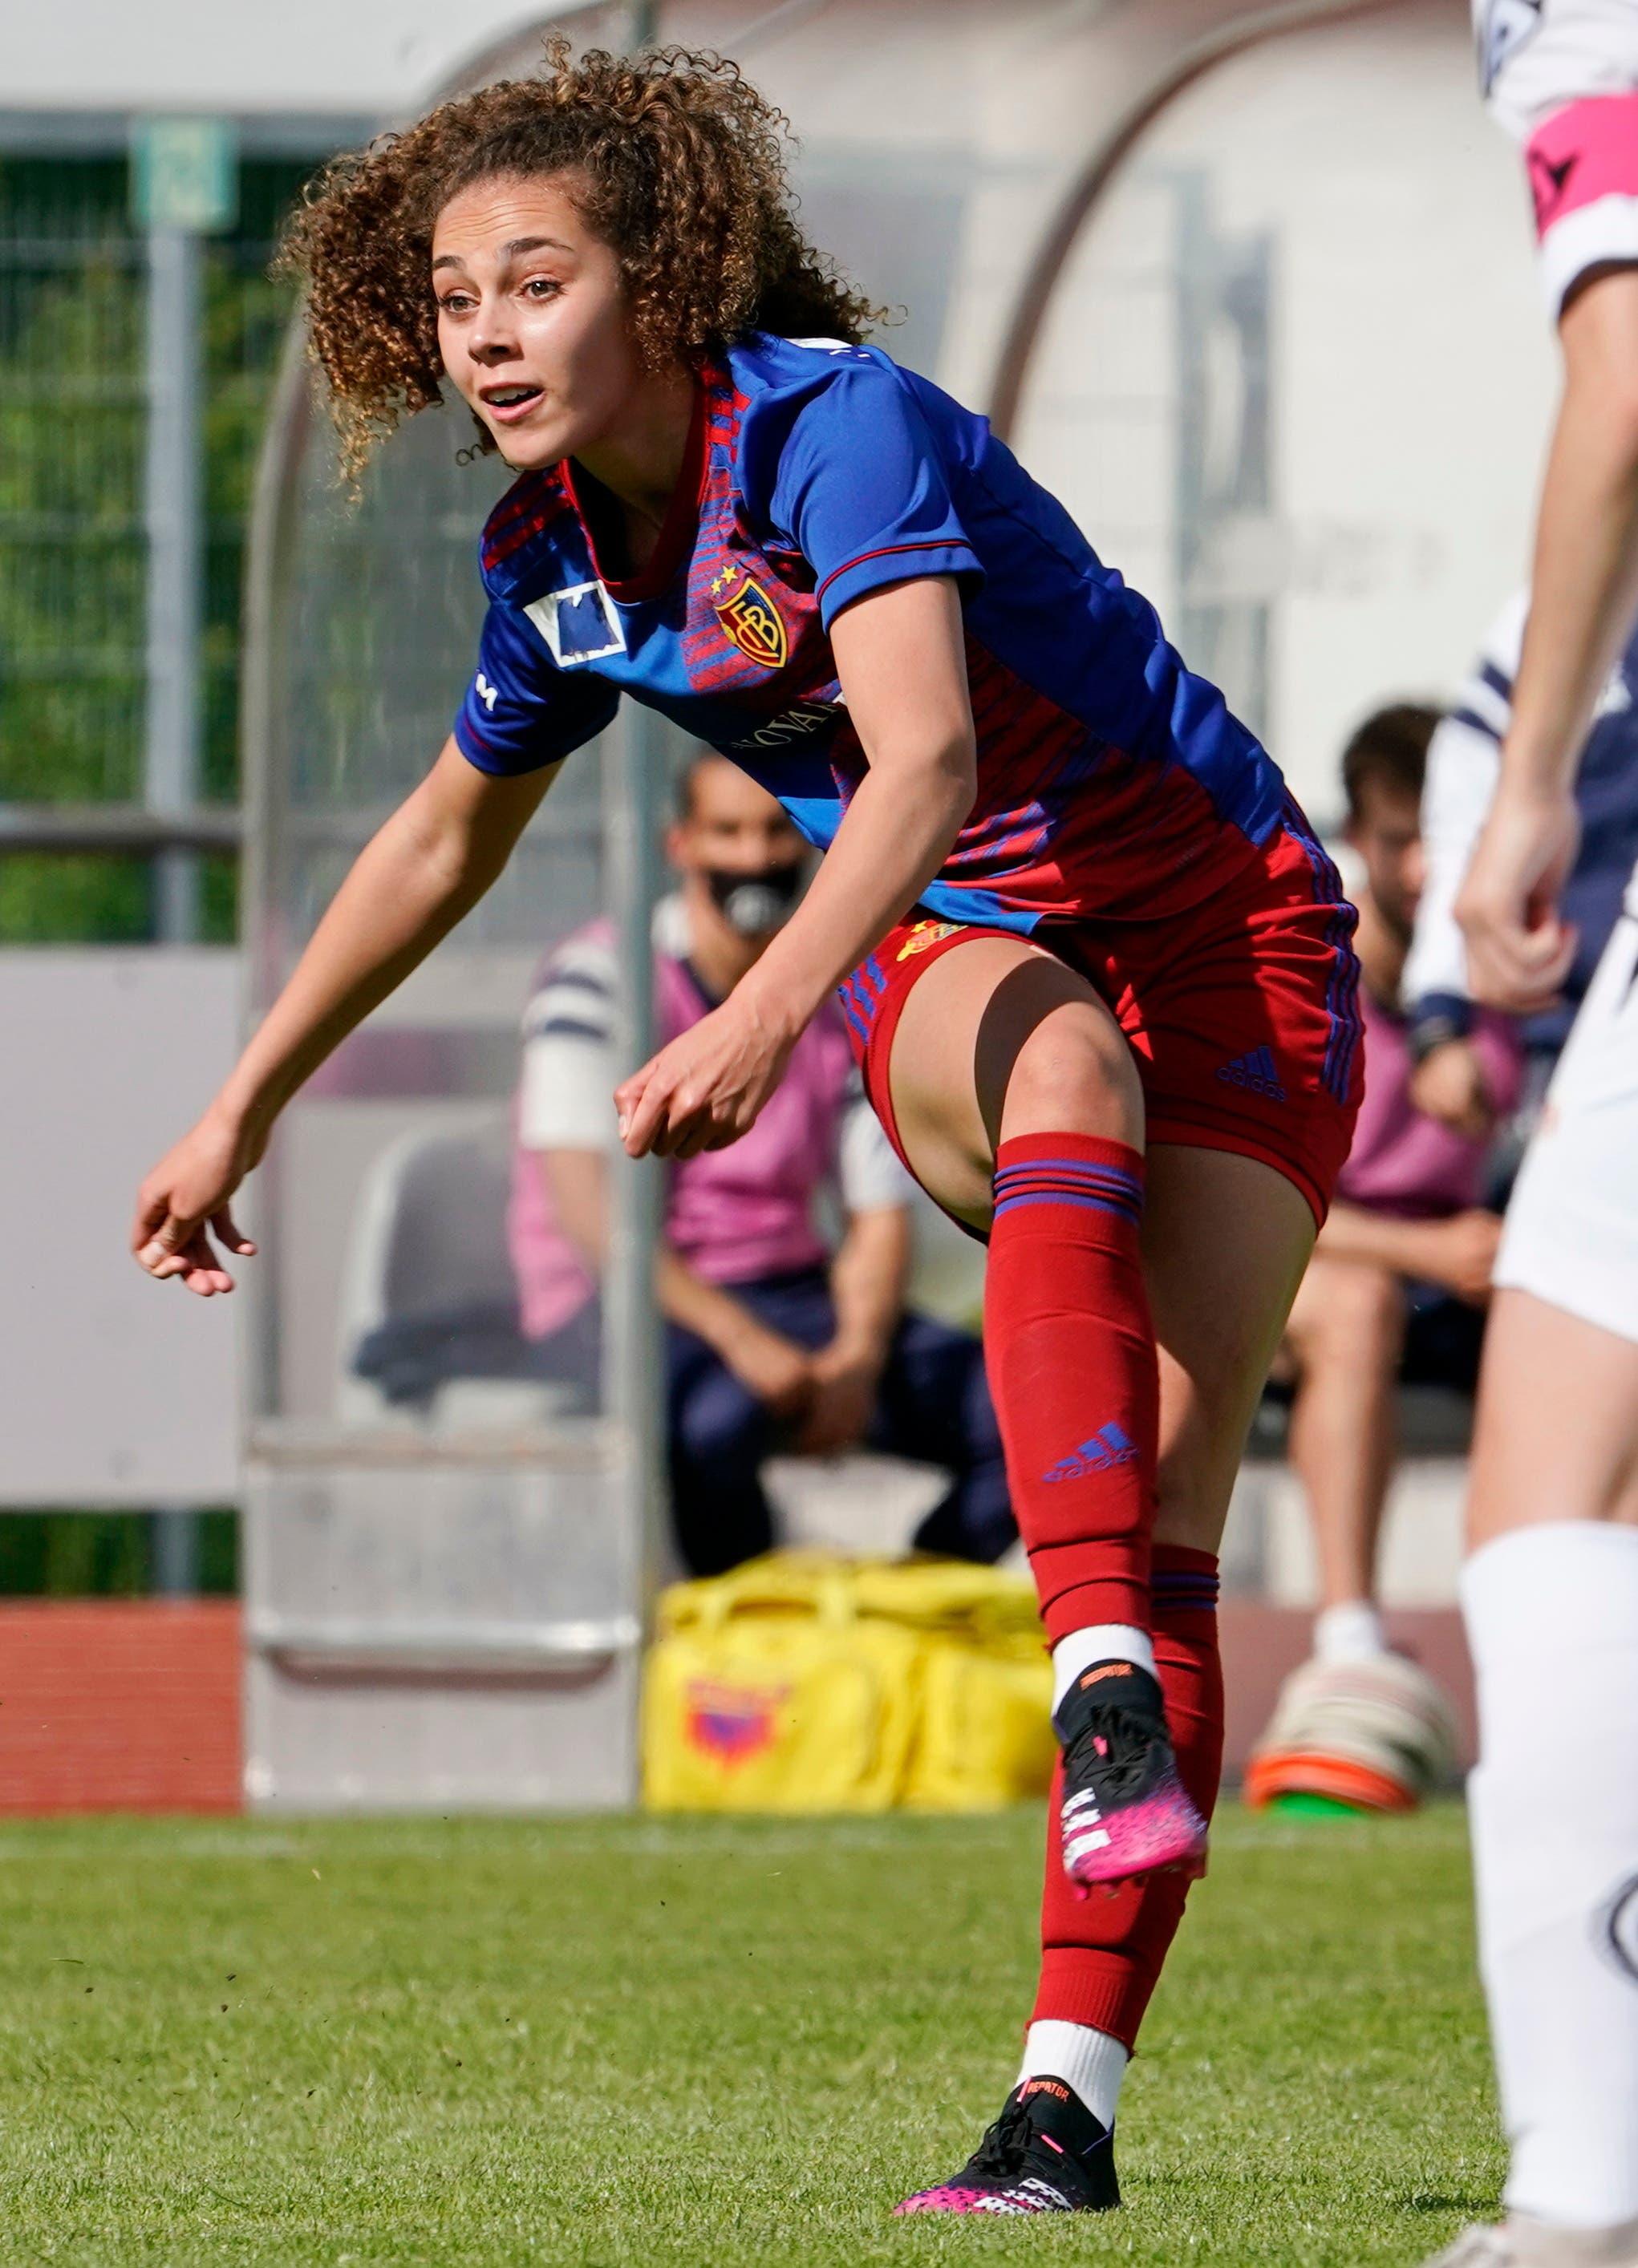 Nach 21 Minuten ist es soweit: Alayah Pilgrim erzielt das 1:0 für den FC Basel.